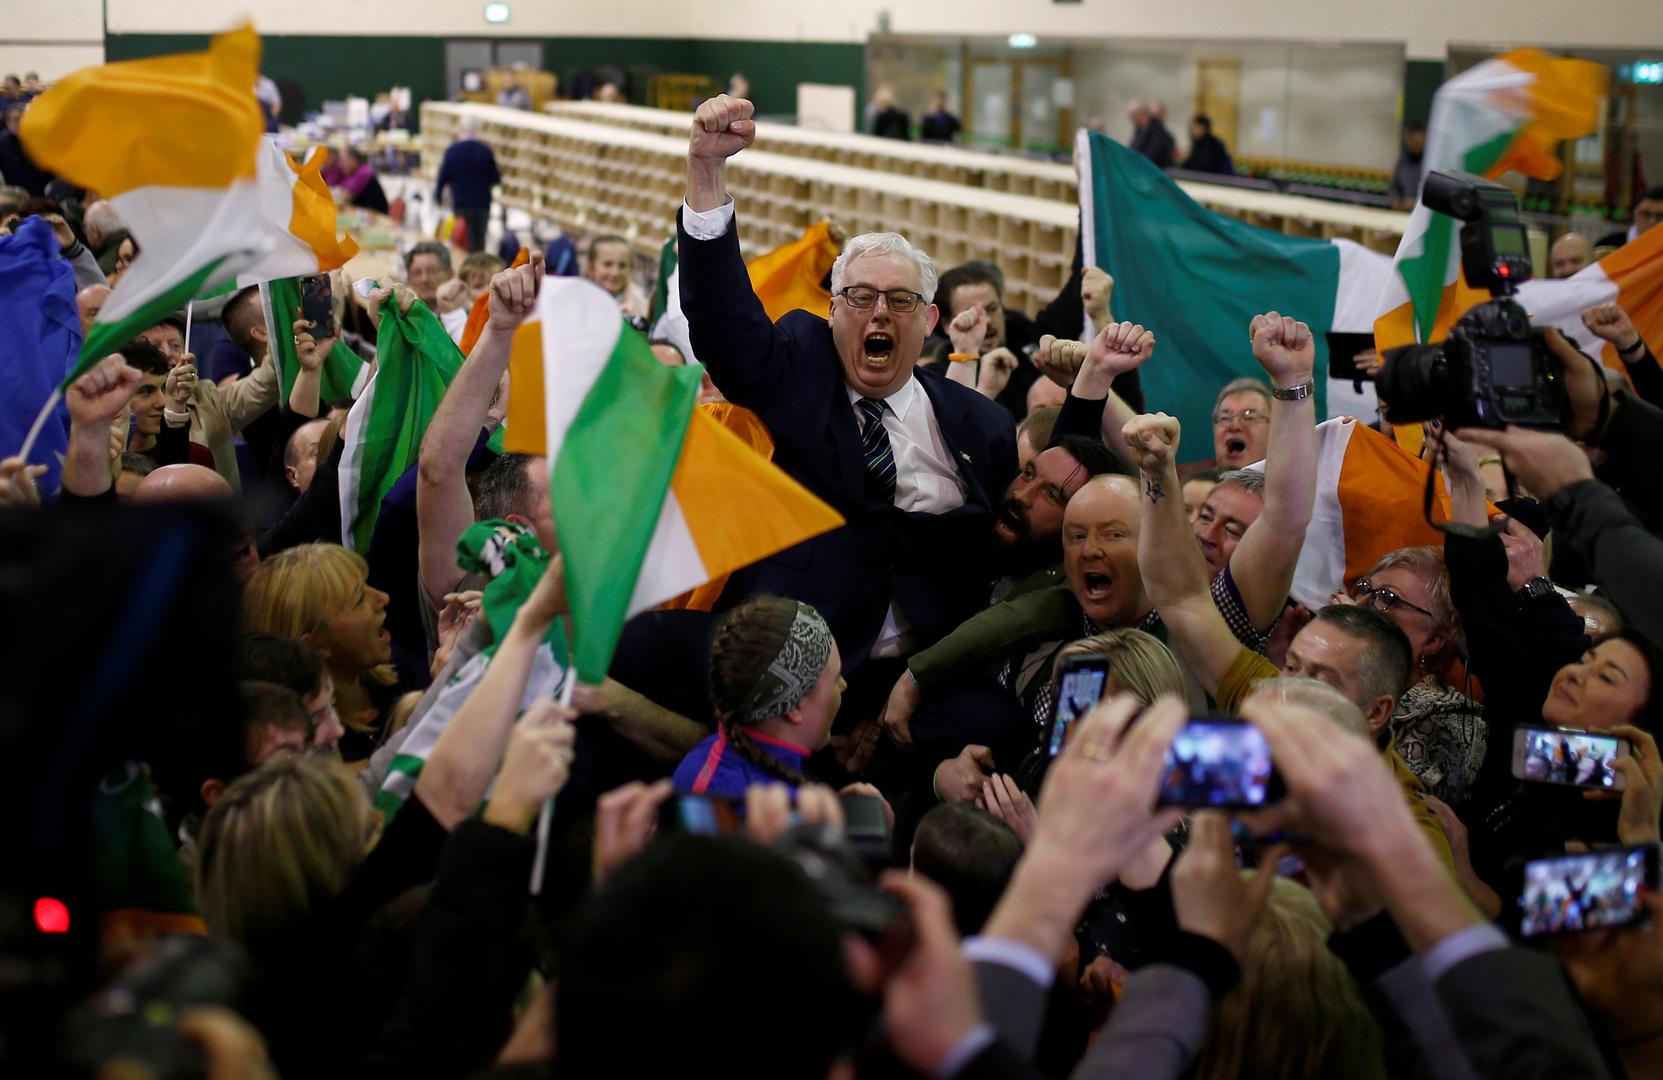 """Irland: """"Linke Nationalisten"""" siegen durch Fokus auf Wohnungskrise und Gesundheitswesen statt Brexit"""